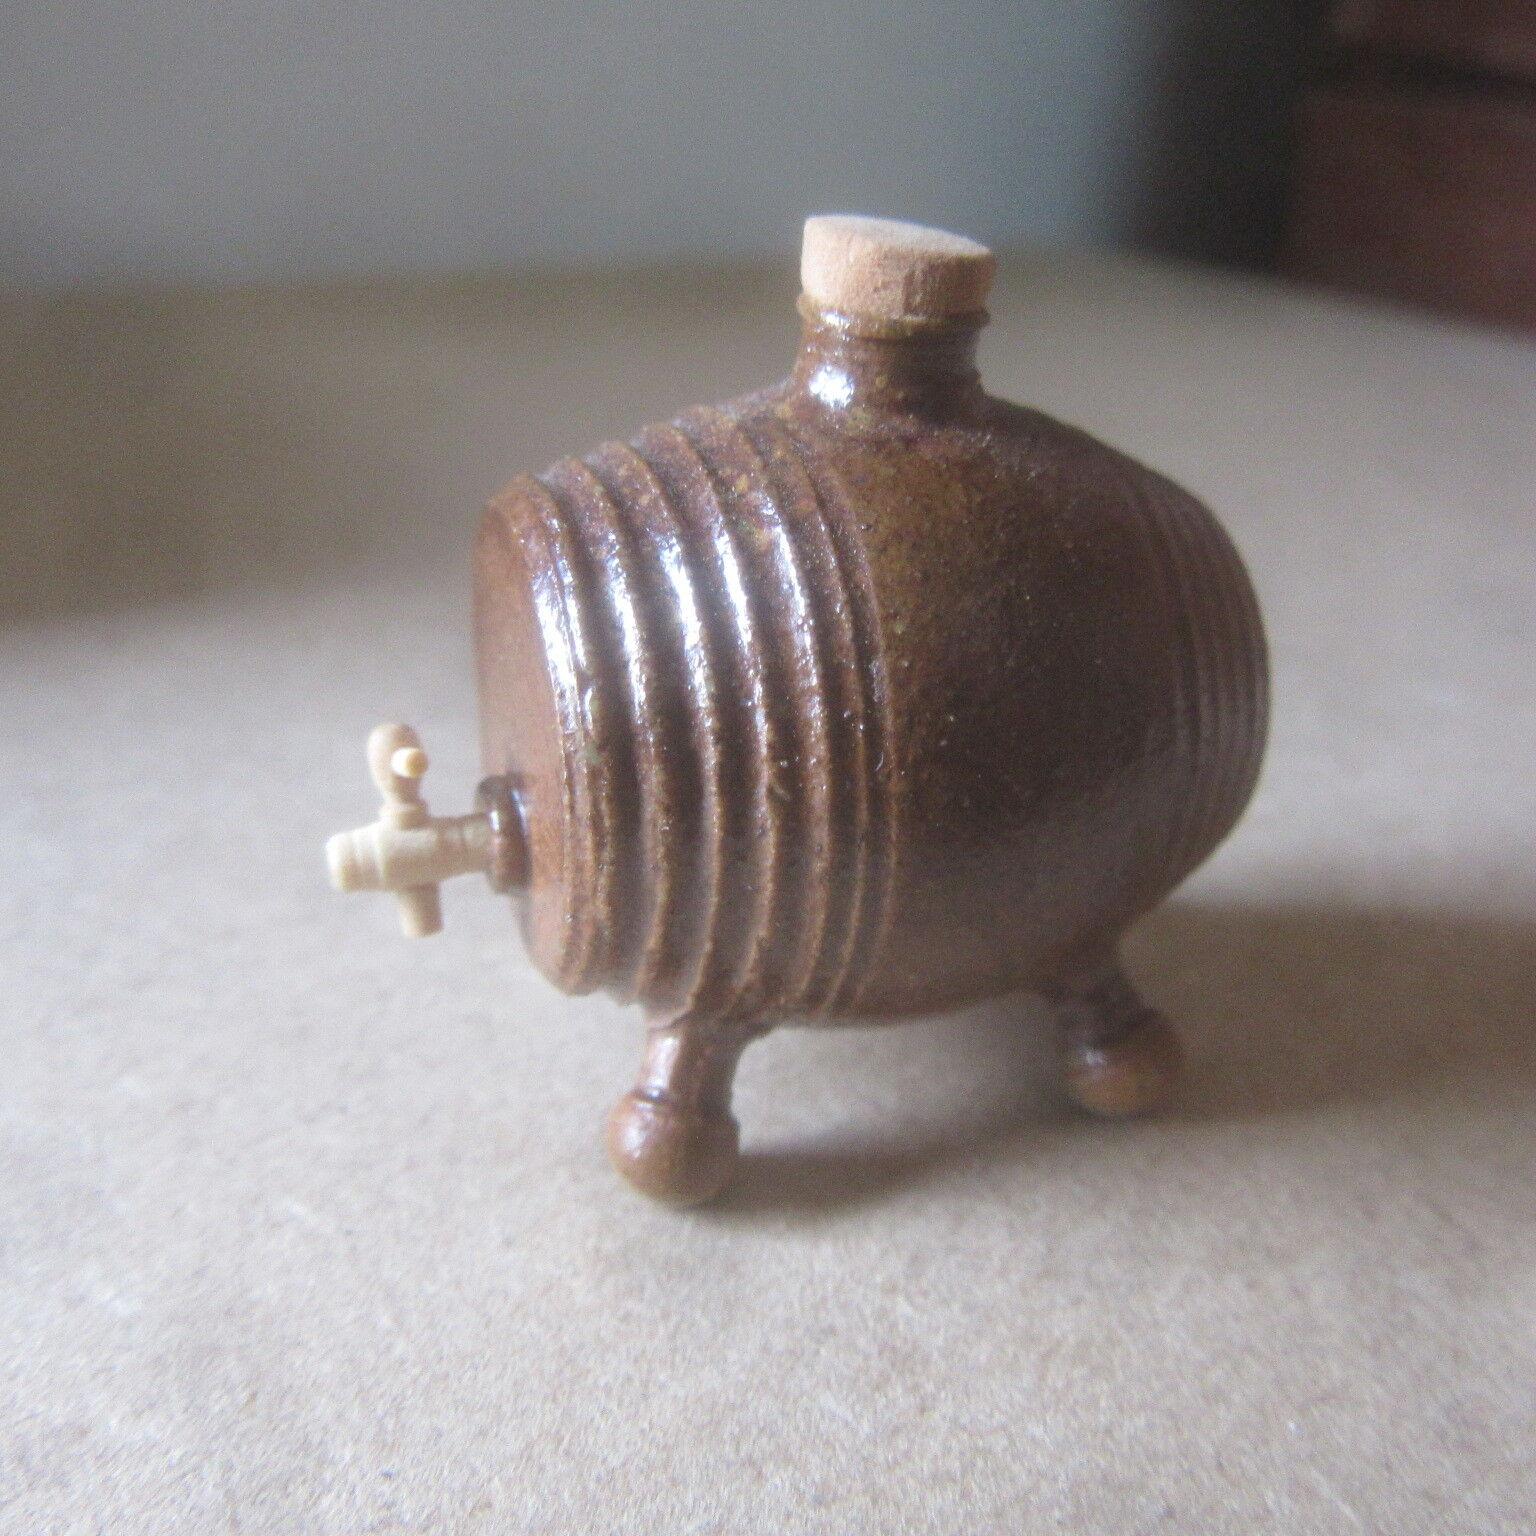 Qualità 12th scala casa delle bambole piccole botte in ceramica firmato articolo FR113